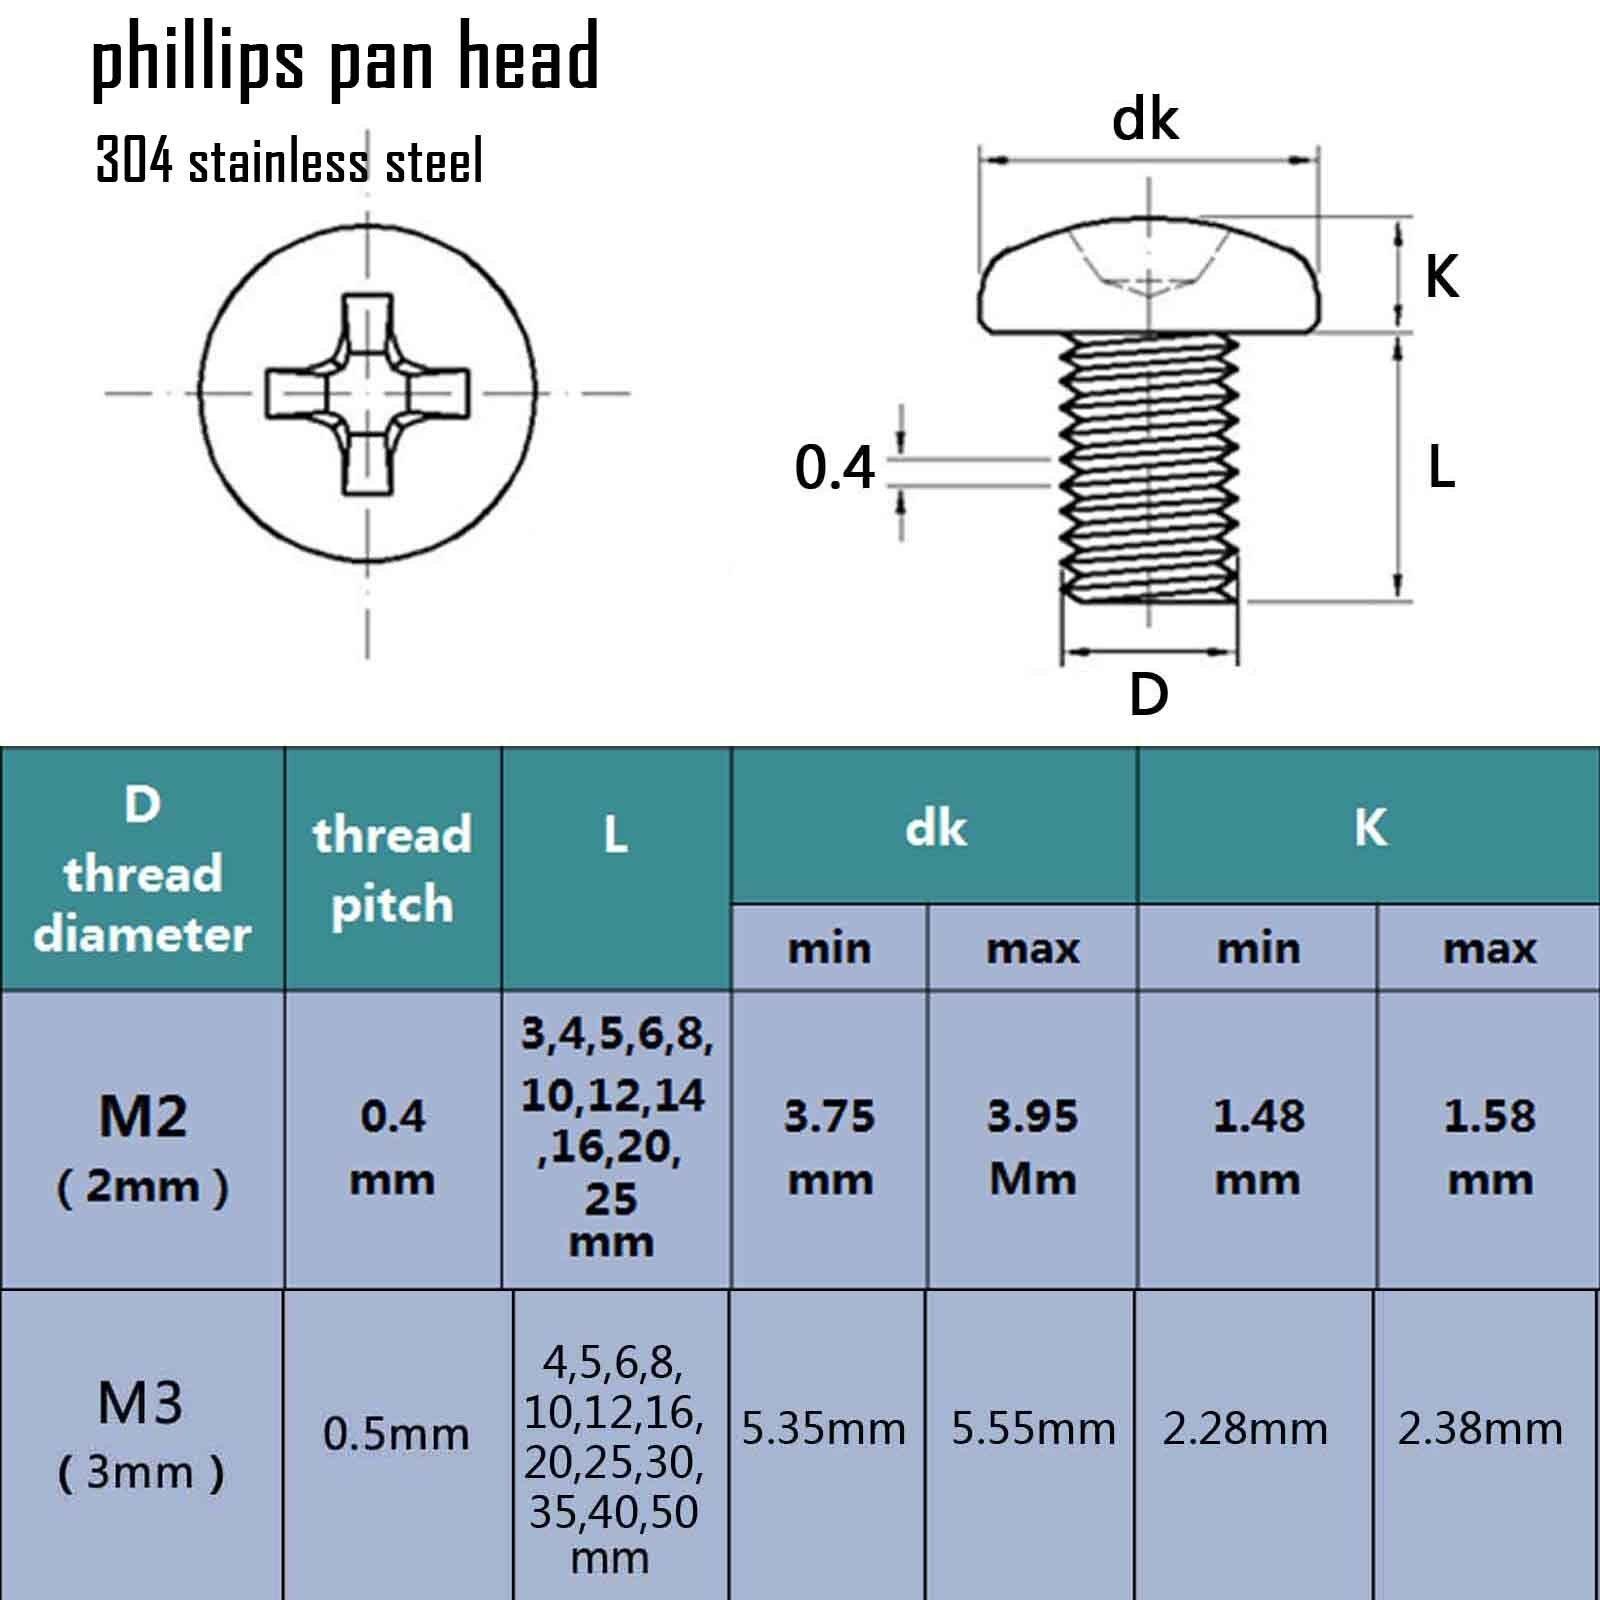 Phillips Round Head M3 Nickel Plated Screw Bolt Machine